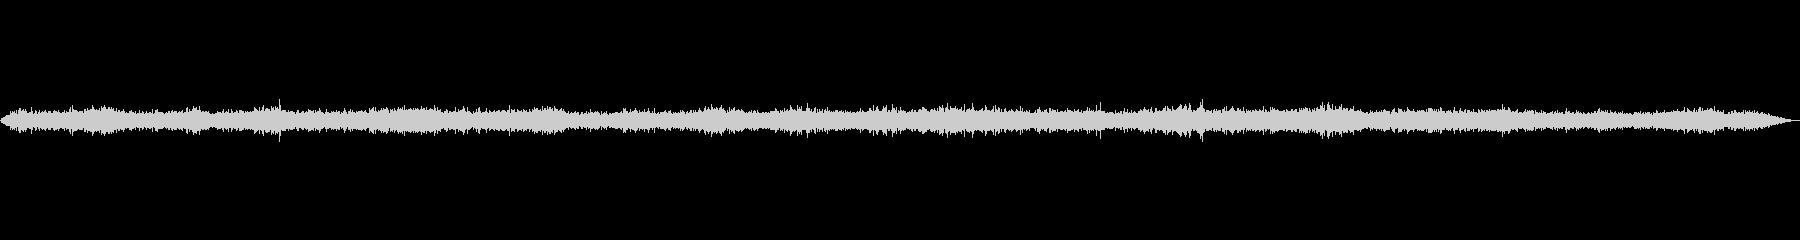 波の音~大荒れの海~海鳴り中心~【生録】の未再生の波形